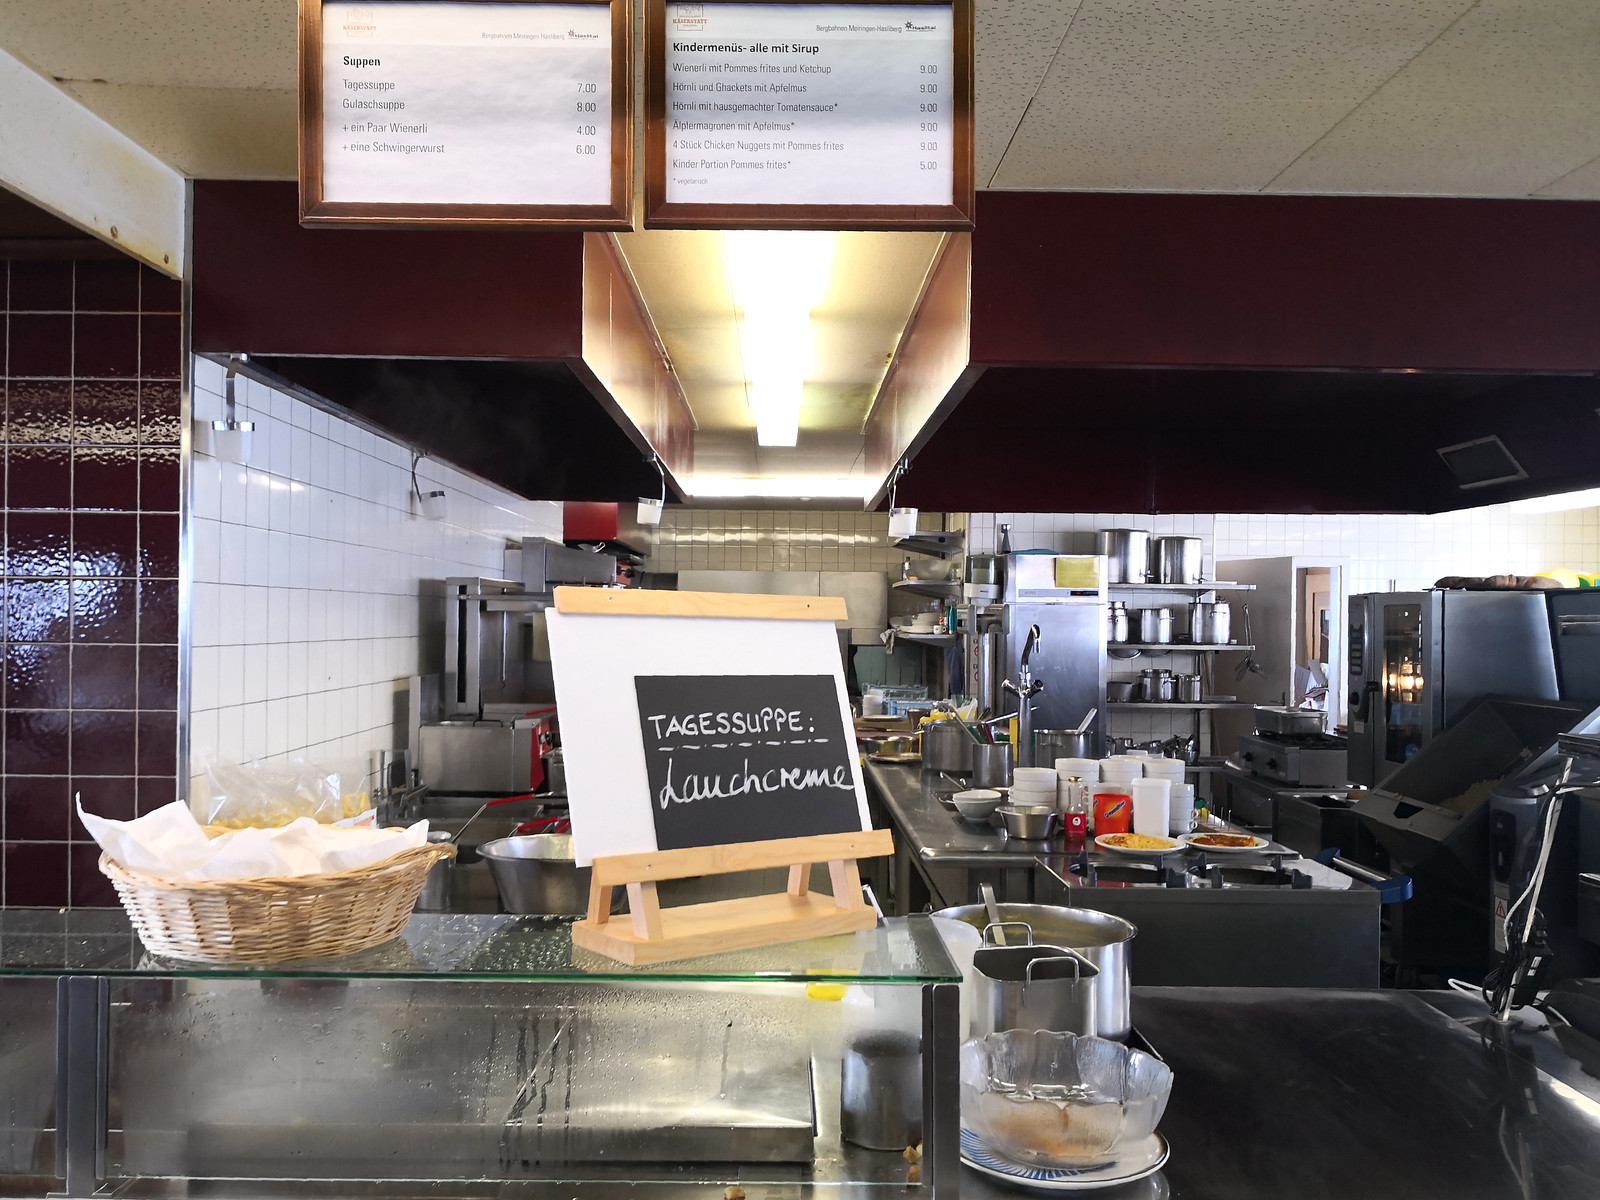 Soup stand at Käserstatt